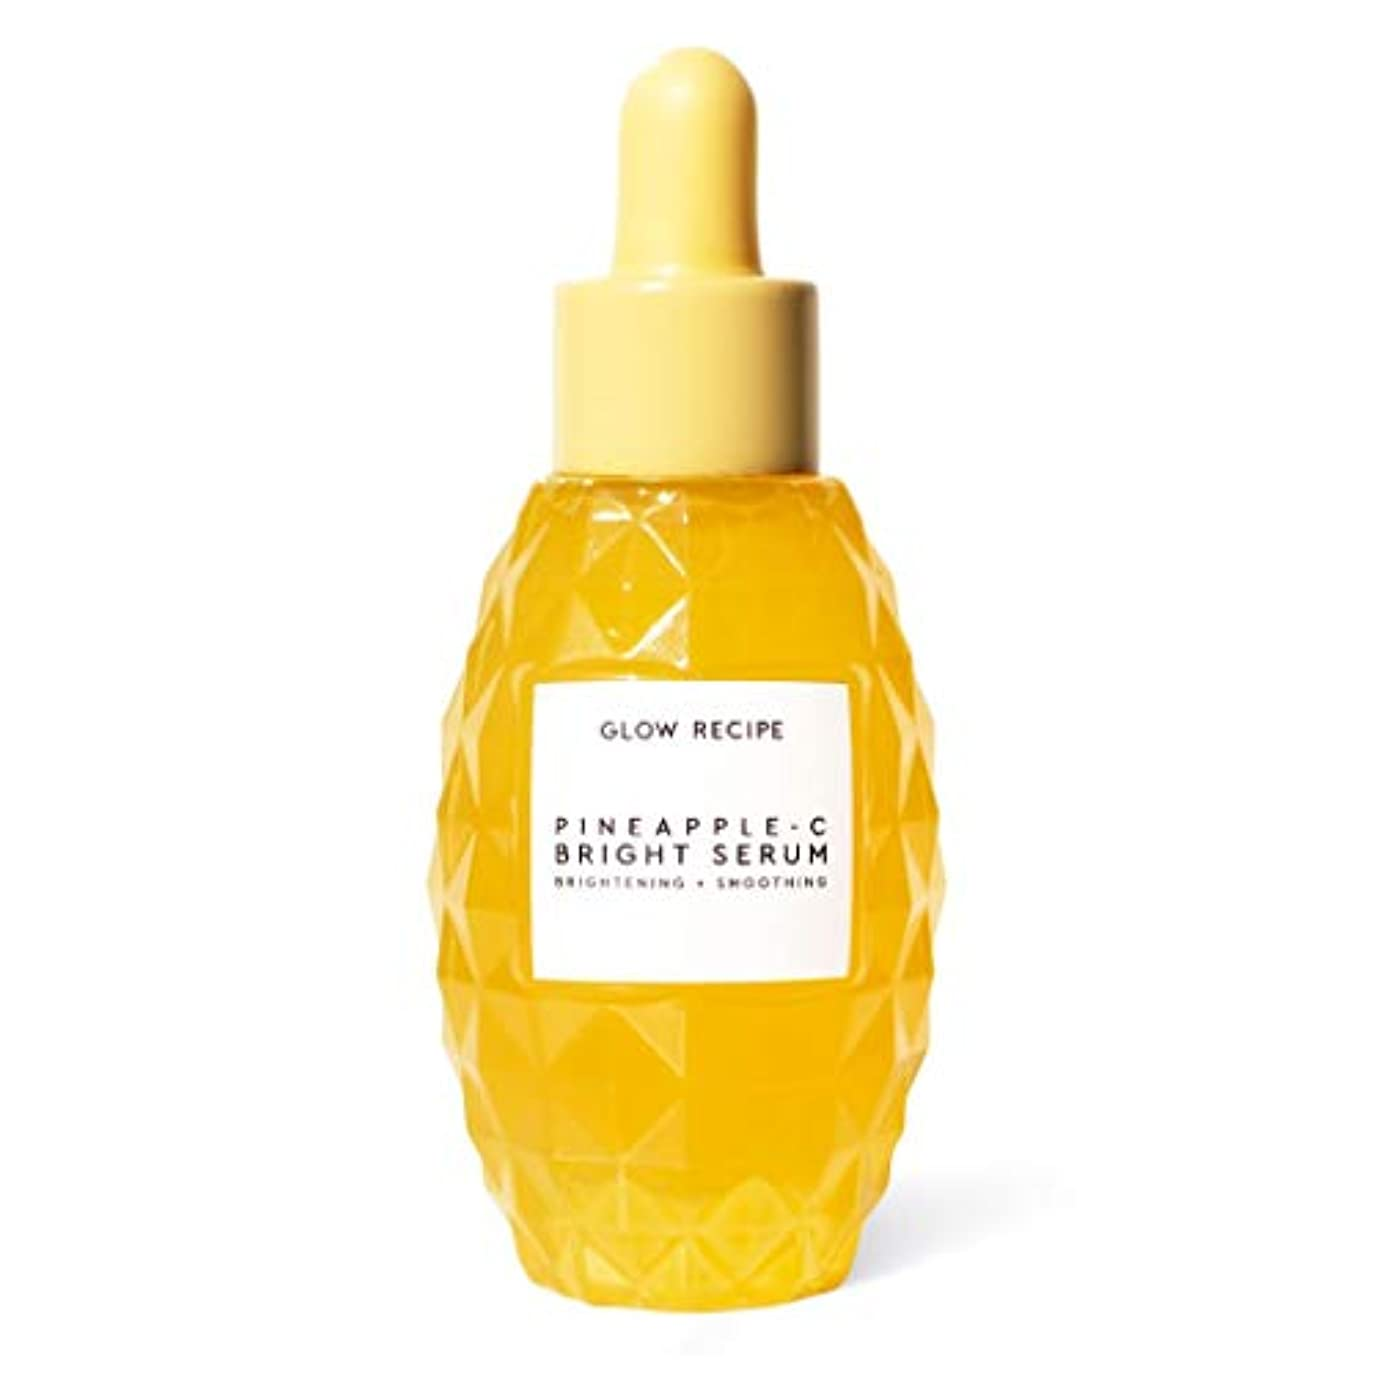 偶然パーチナシティ疼痛Glow Recipe Pineapple-C Brightening Serum 1 Fl. Oz/ 30ml グロウレシピ パイナップル シー ブライト二ング セラム